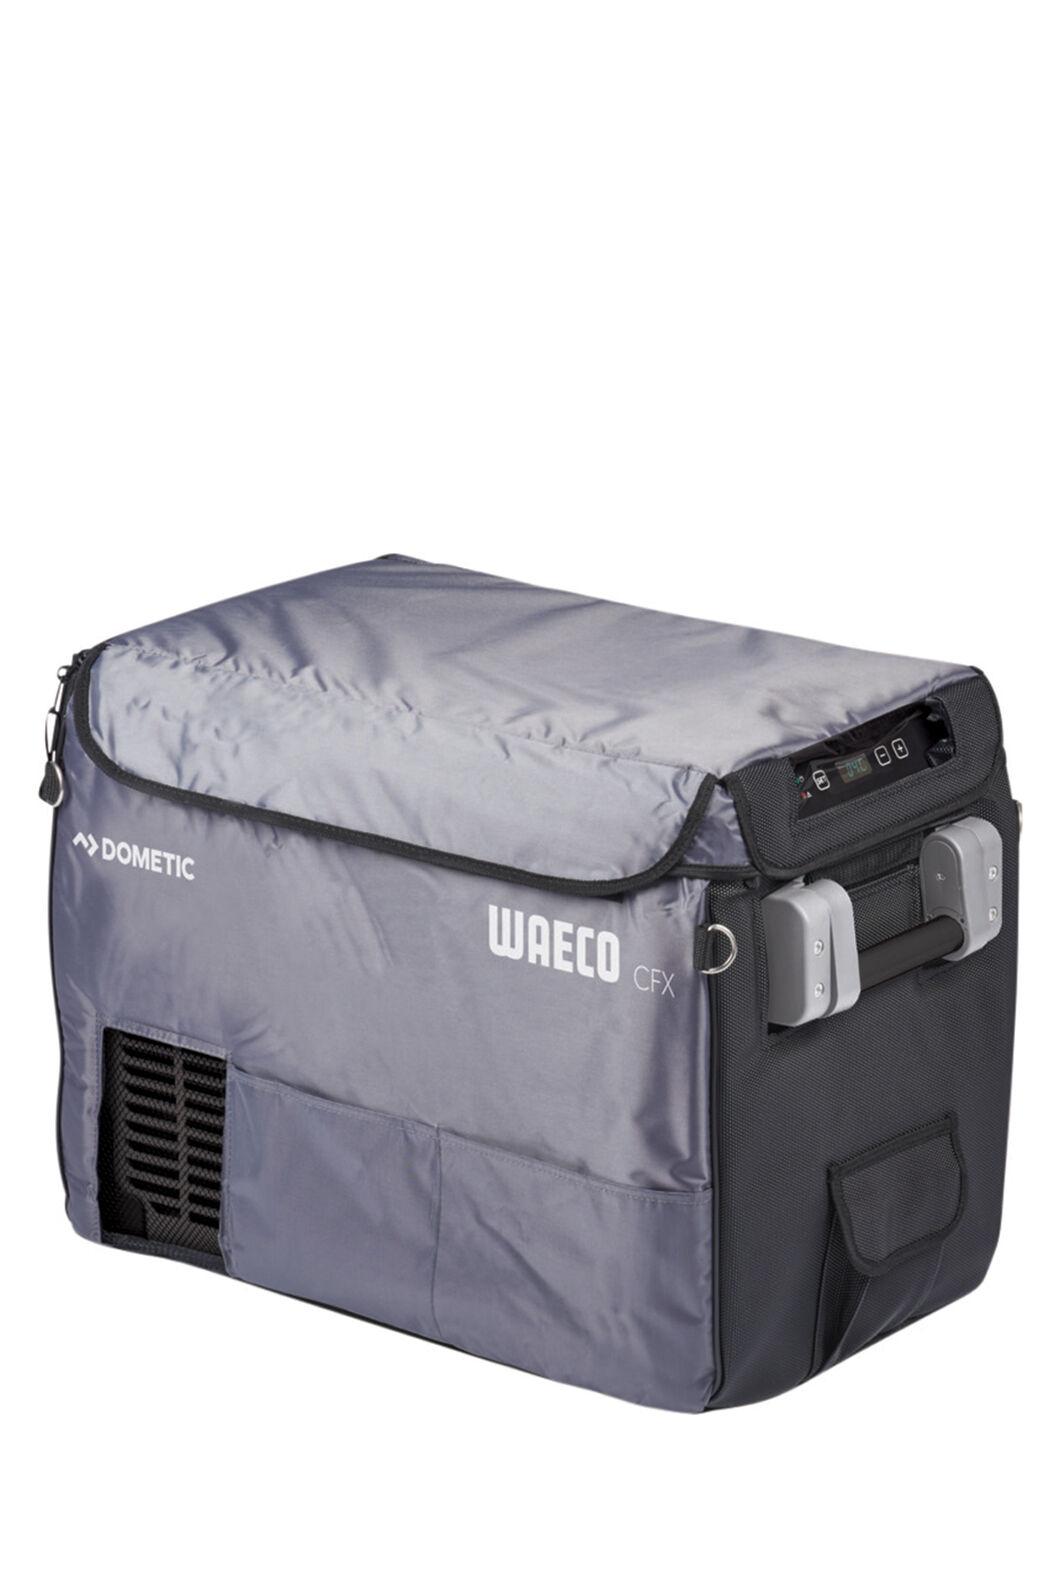 Waeco CFX 28 Protective Cover, None, hi-res